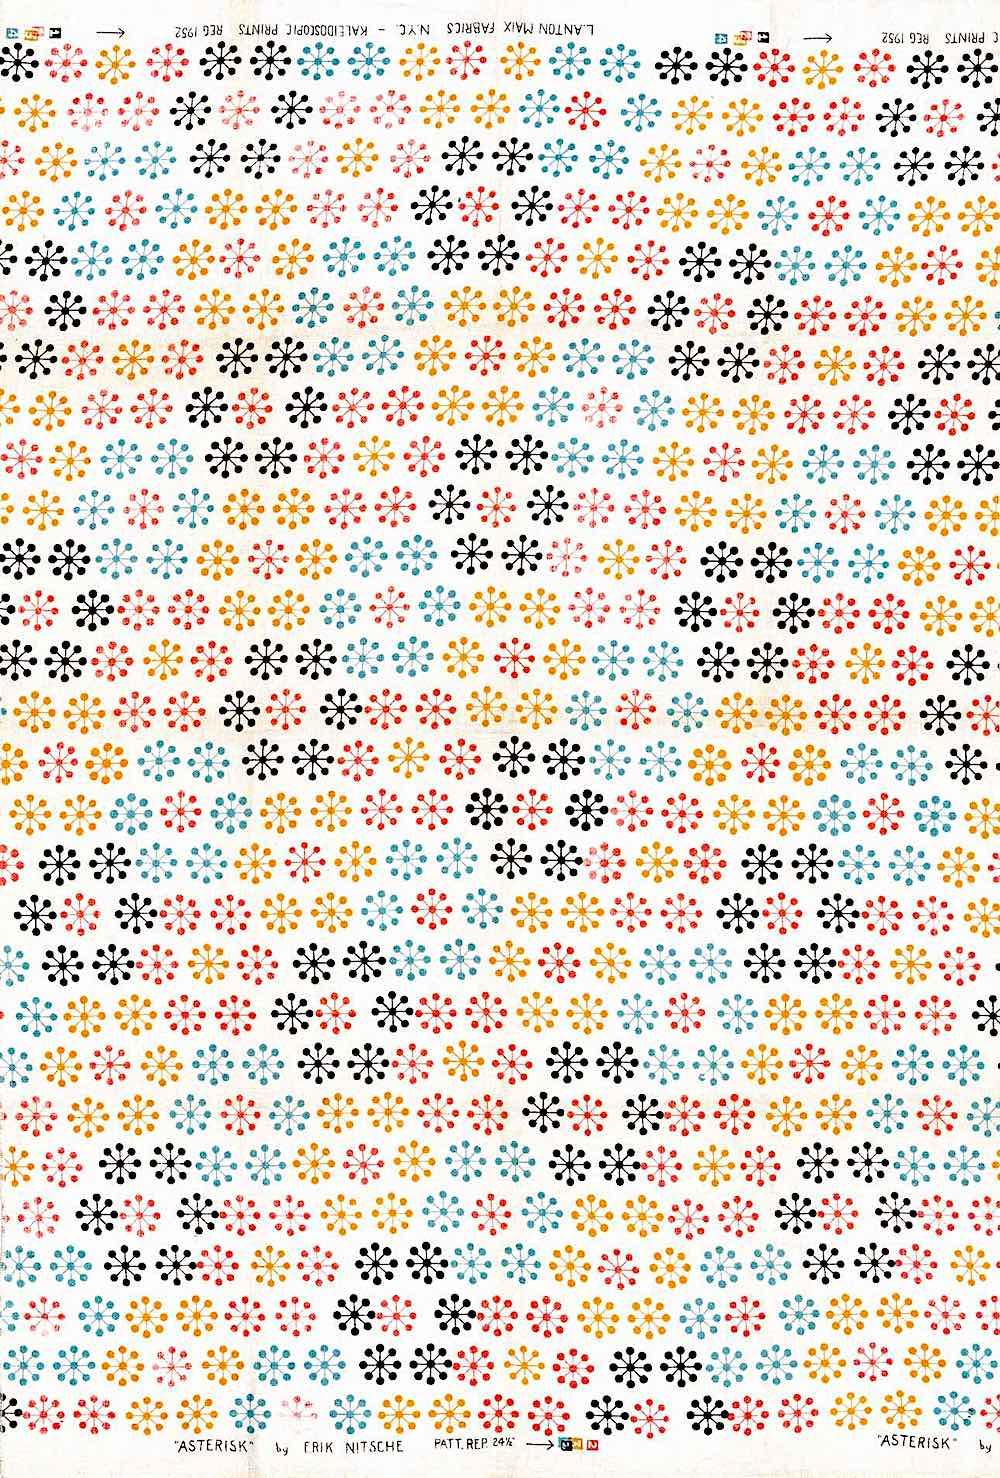 Erik Nitsche starbursts pattern